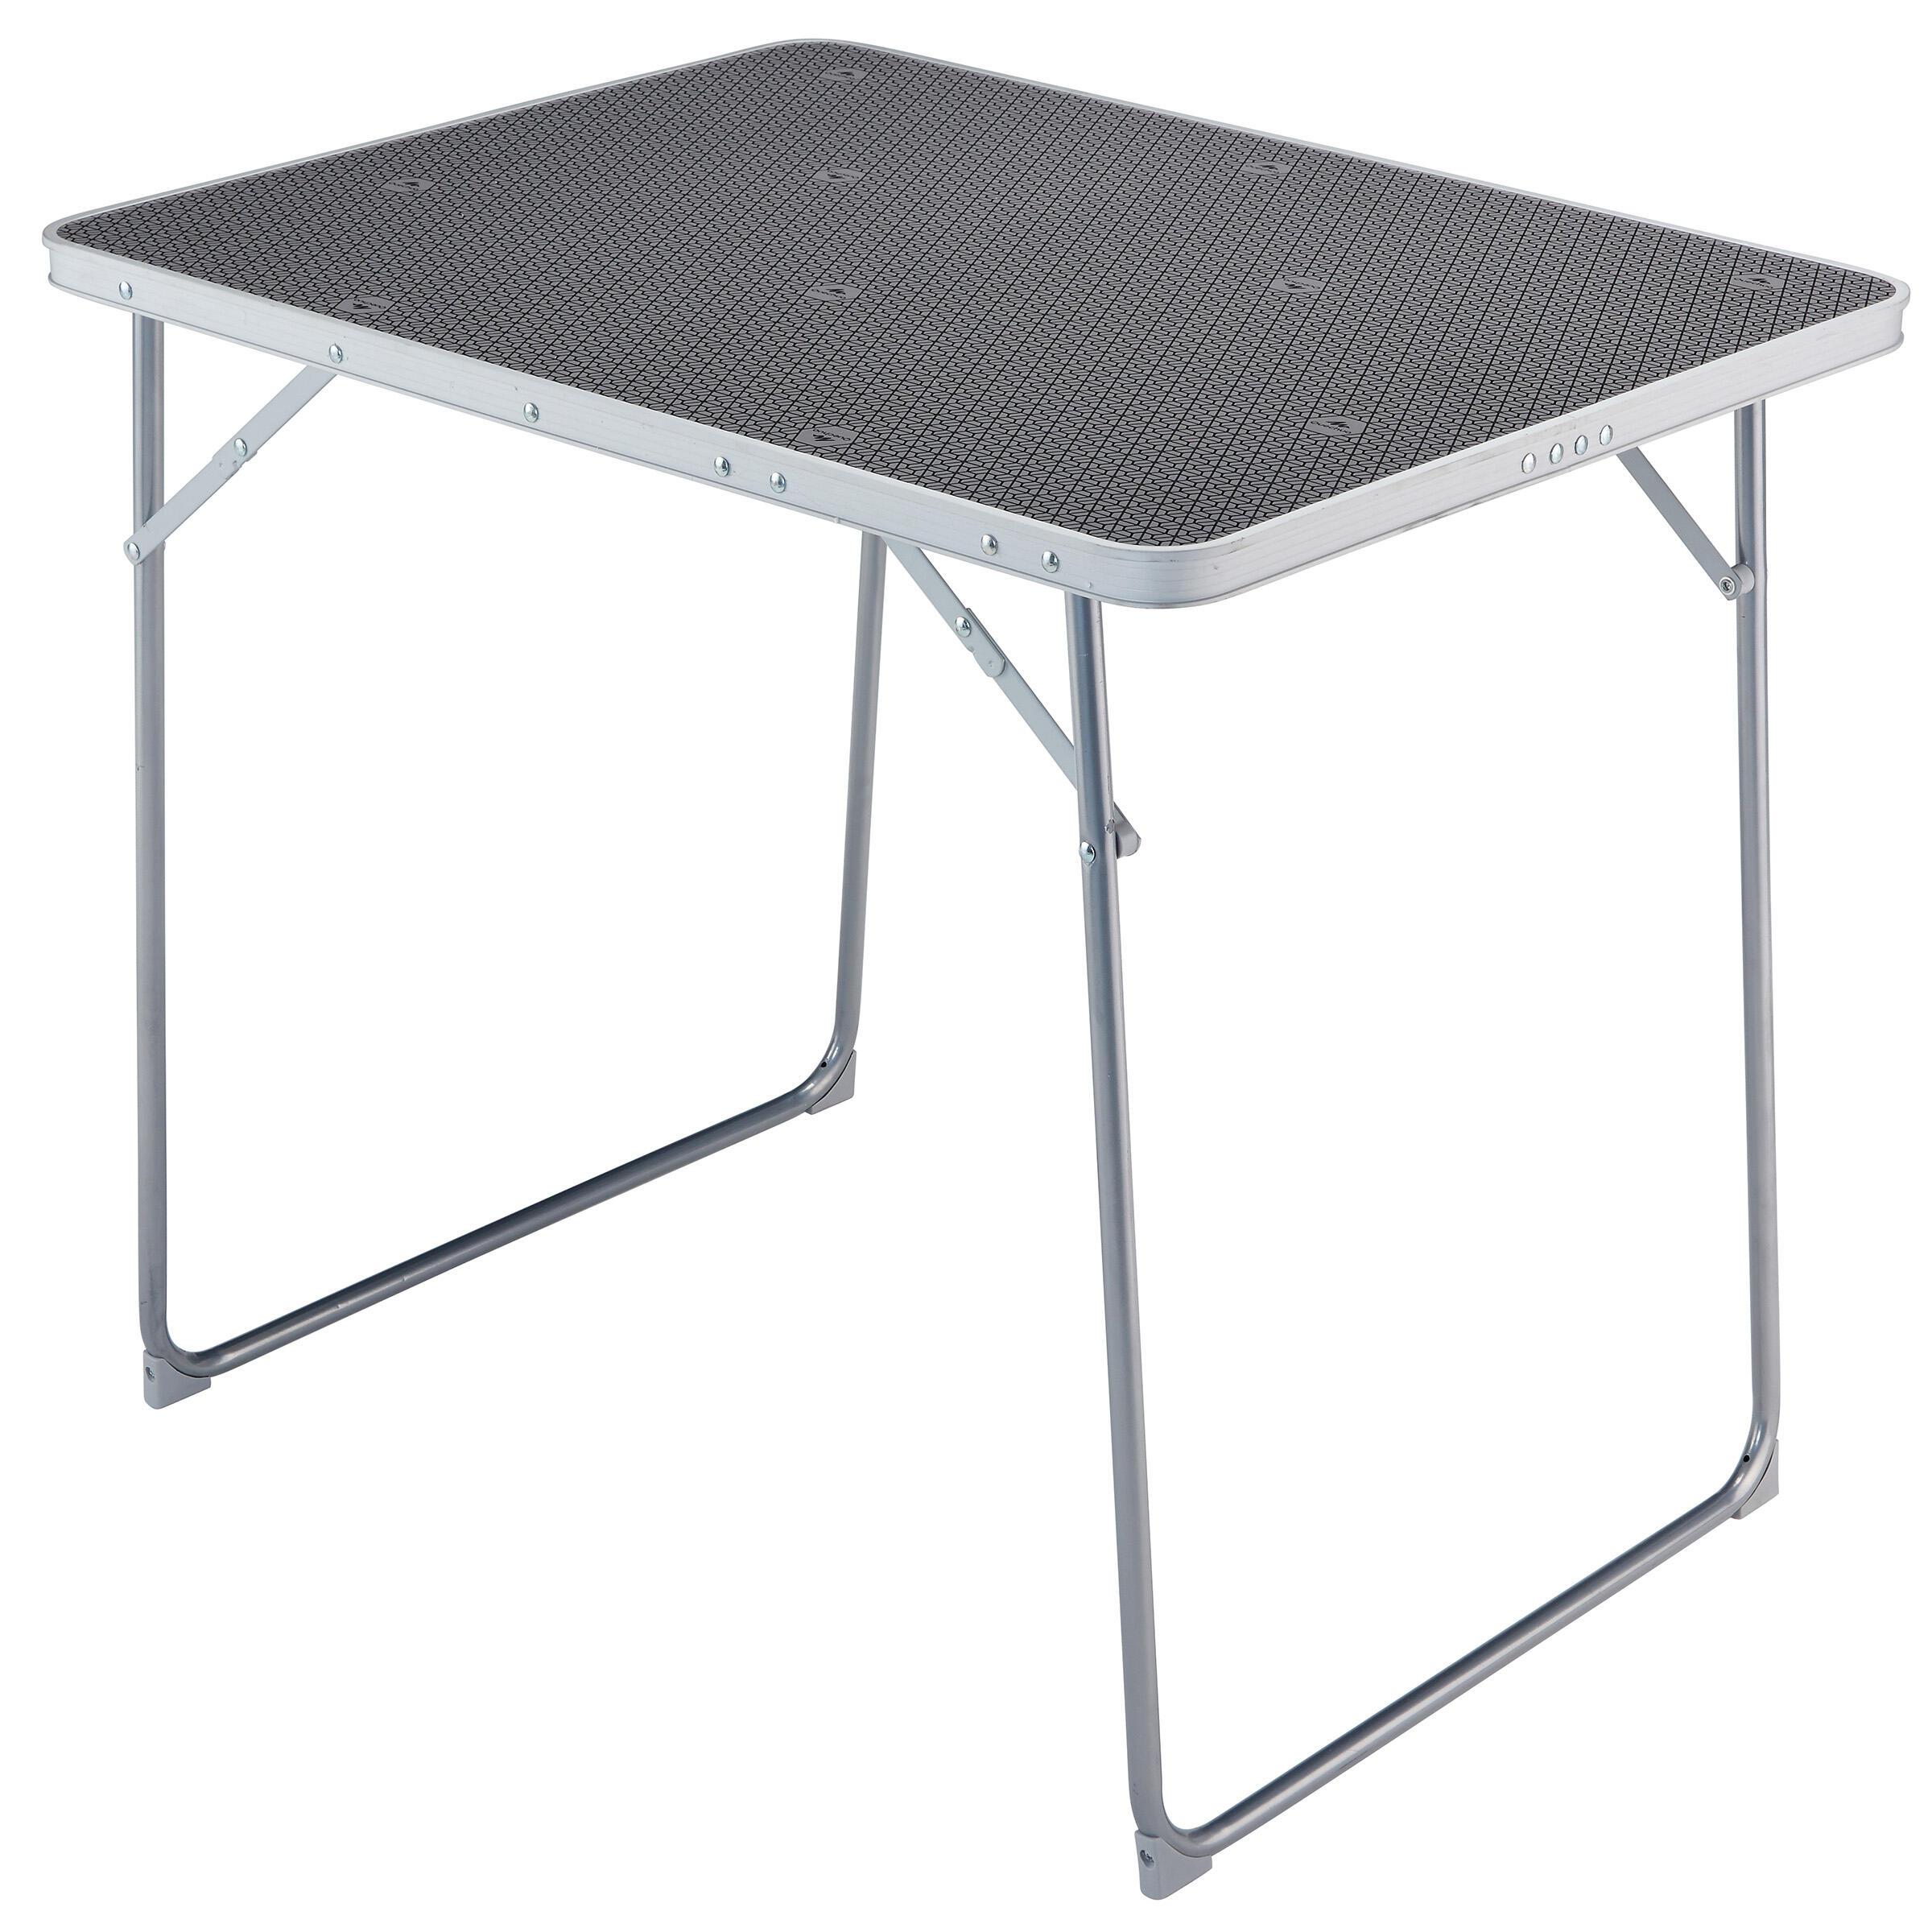 TABLE DE CAMPING PLIANTE POUR 2 A 4 PERSONNES